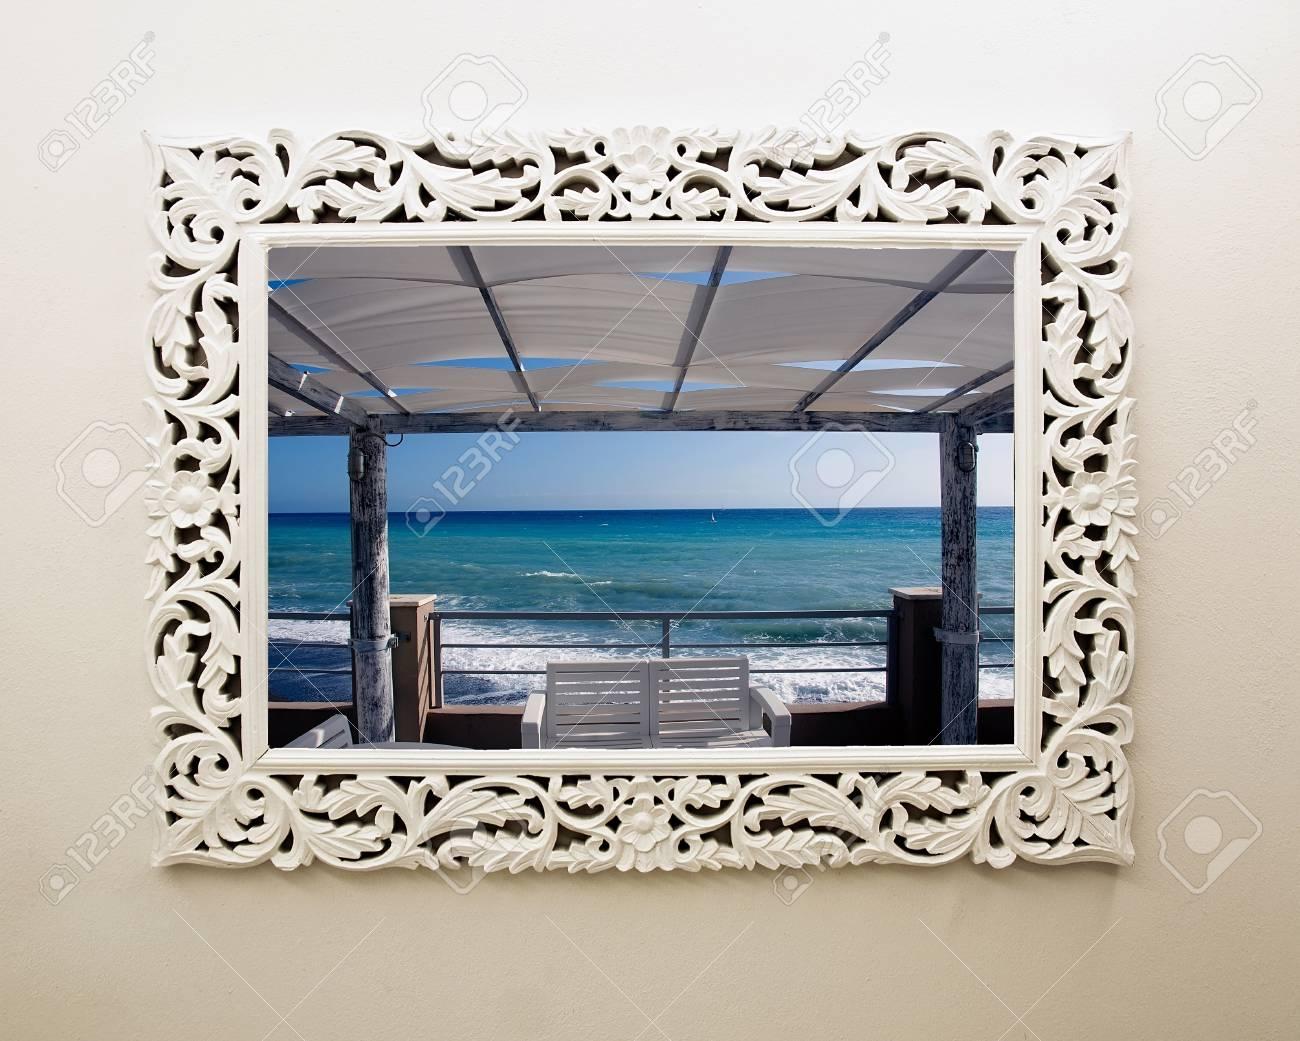 A windows frame open on seasight - 32558779